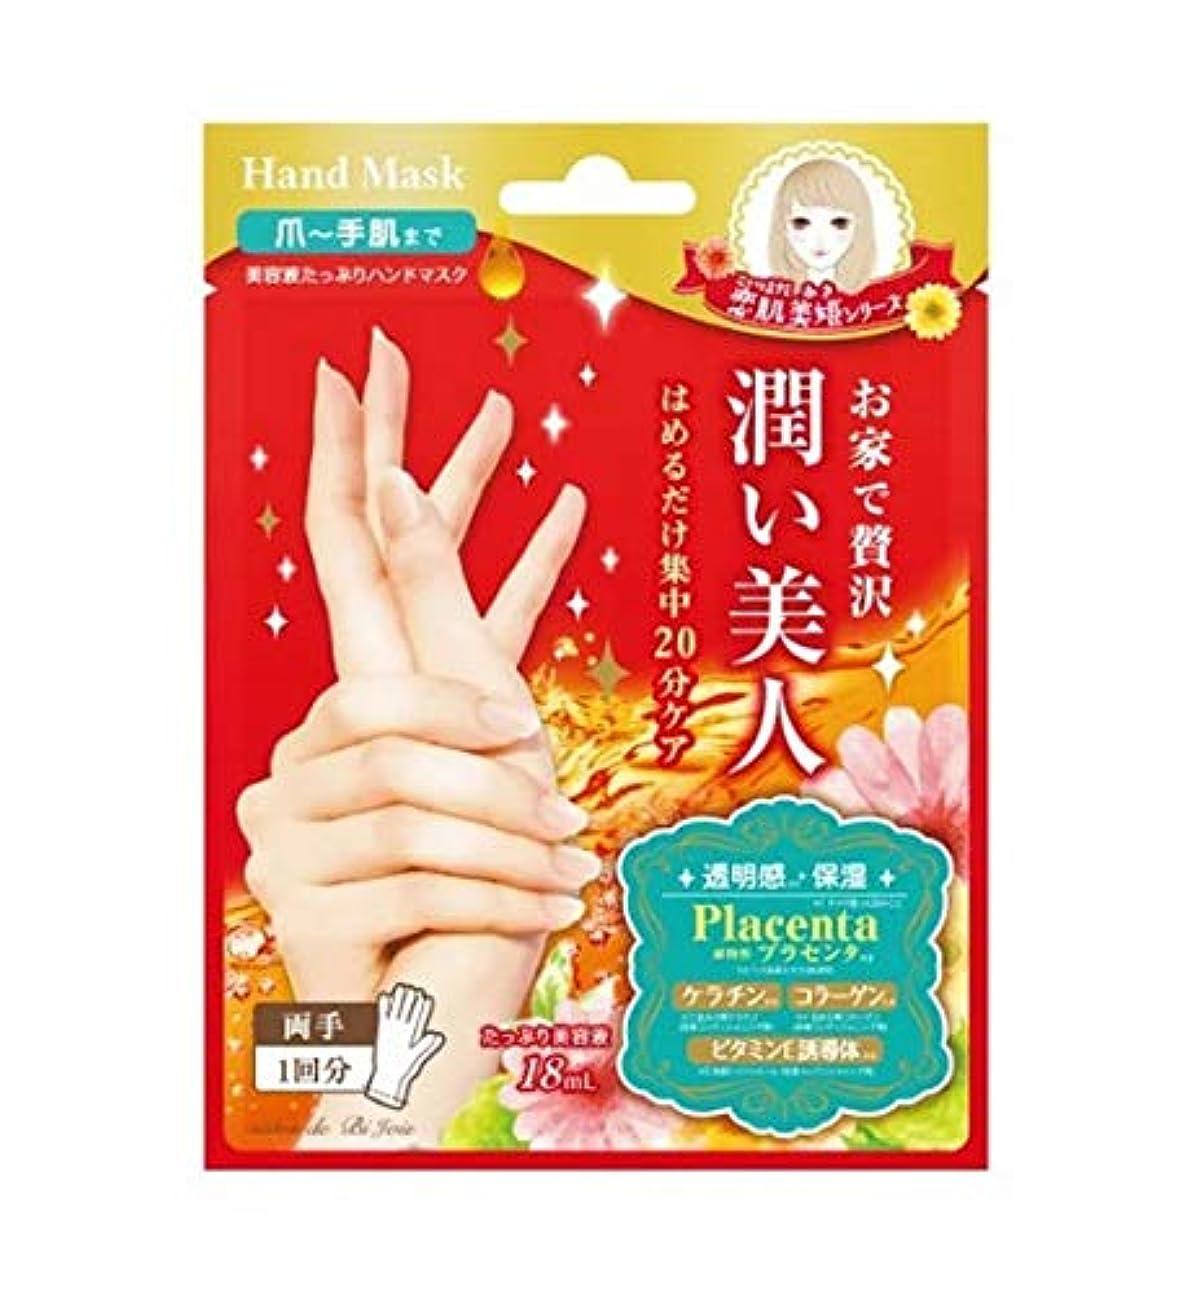 現代遺体安置所代わりにBJ潤いハンドマスク BSH301 1ケース360個入り まとめ買い 美容 美容液 手 指先 爪 ハンドケア ネイルケア 一体型タイプ はめるだけ 潤い しっとり やわらか 透明感 保湿 キレイ Hand Mask ビューティーワールド...